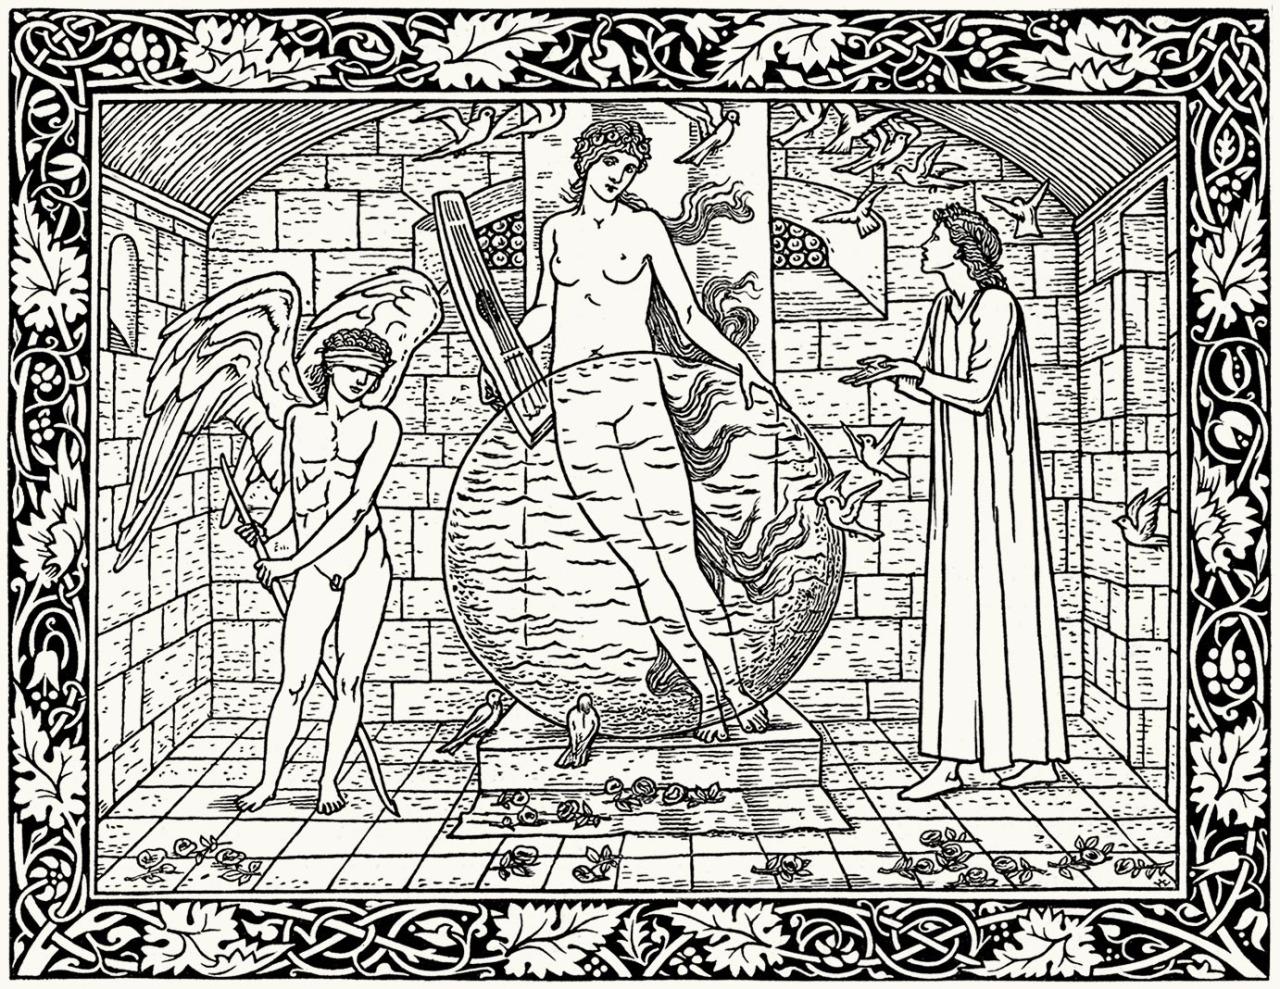 Un coloriage créé à partir d'une gravure de Geoffrey Chaucer Hammersmith